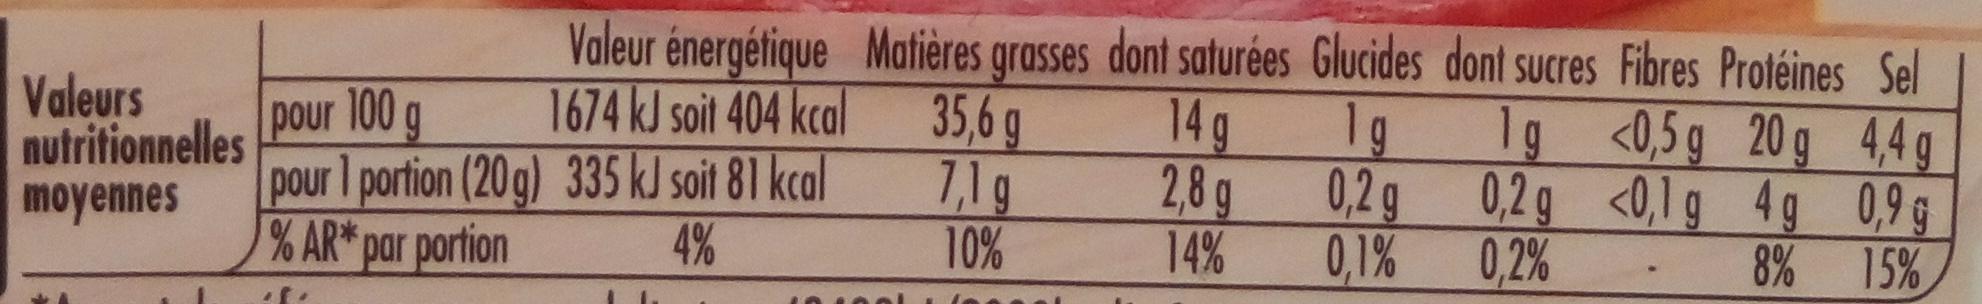 Salami 100 % pur porc - Informations nutritionnelles